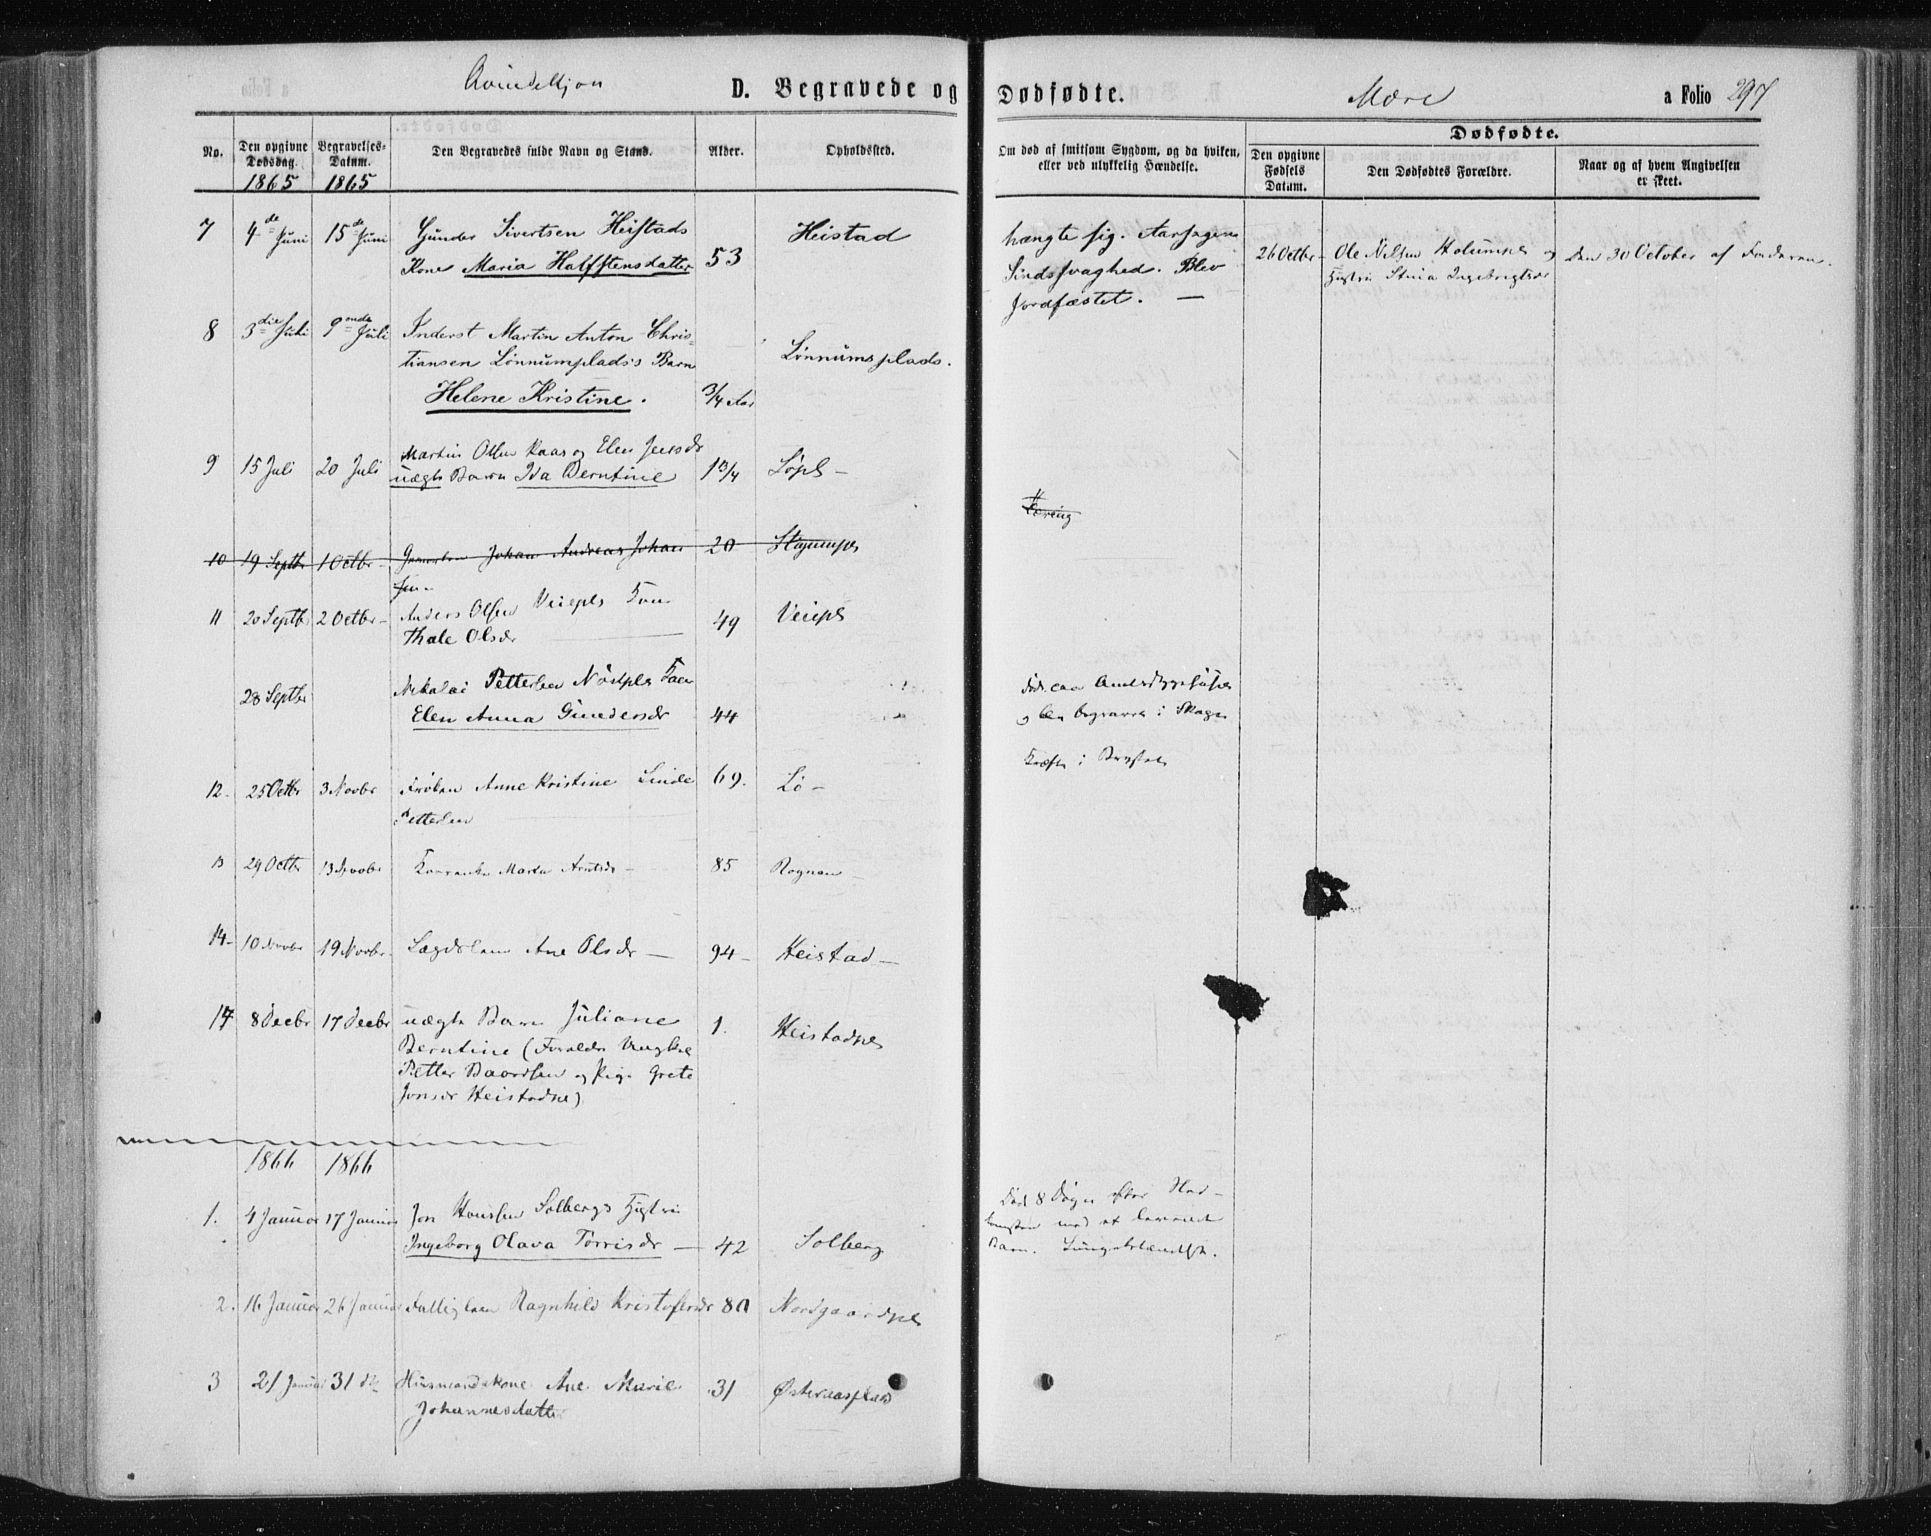 SAT, Ministerialprotokoller, klokkerbøker og fødselsregistre - Nord-Trøndelag, 735/L0345: Ministerialbok nr. 735A08 /1, 1863-1872, s. 297